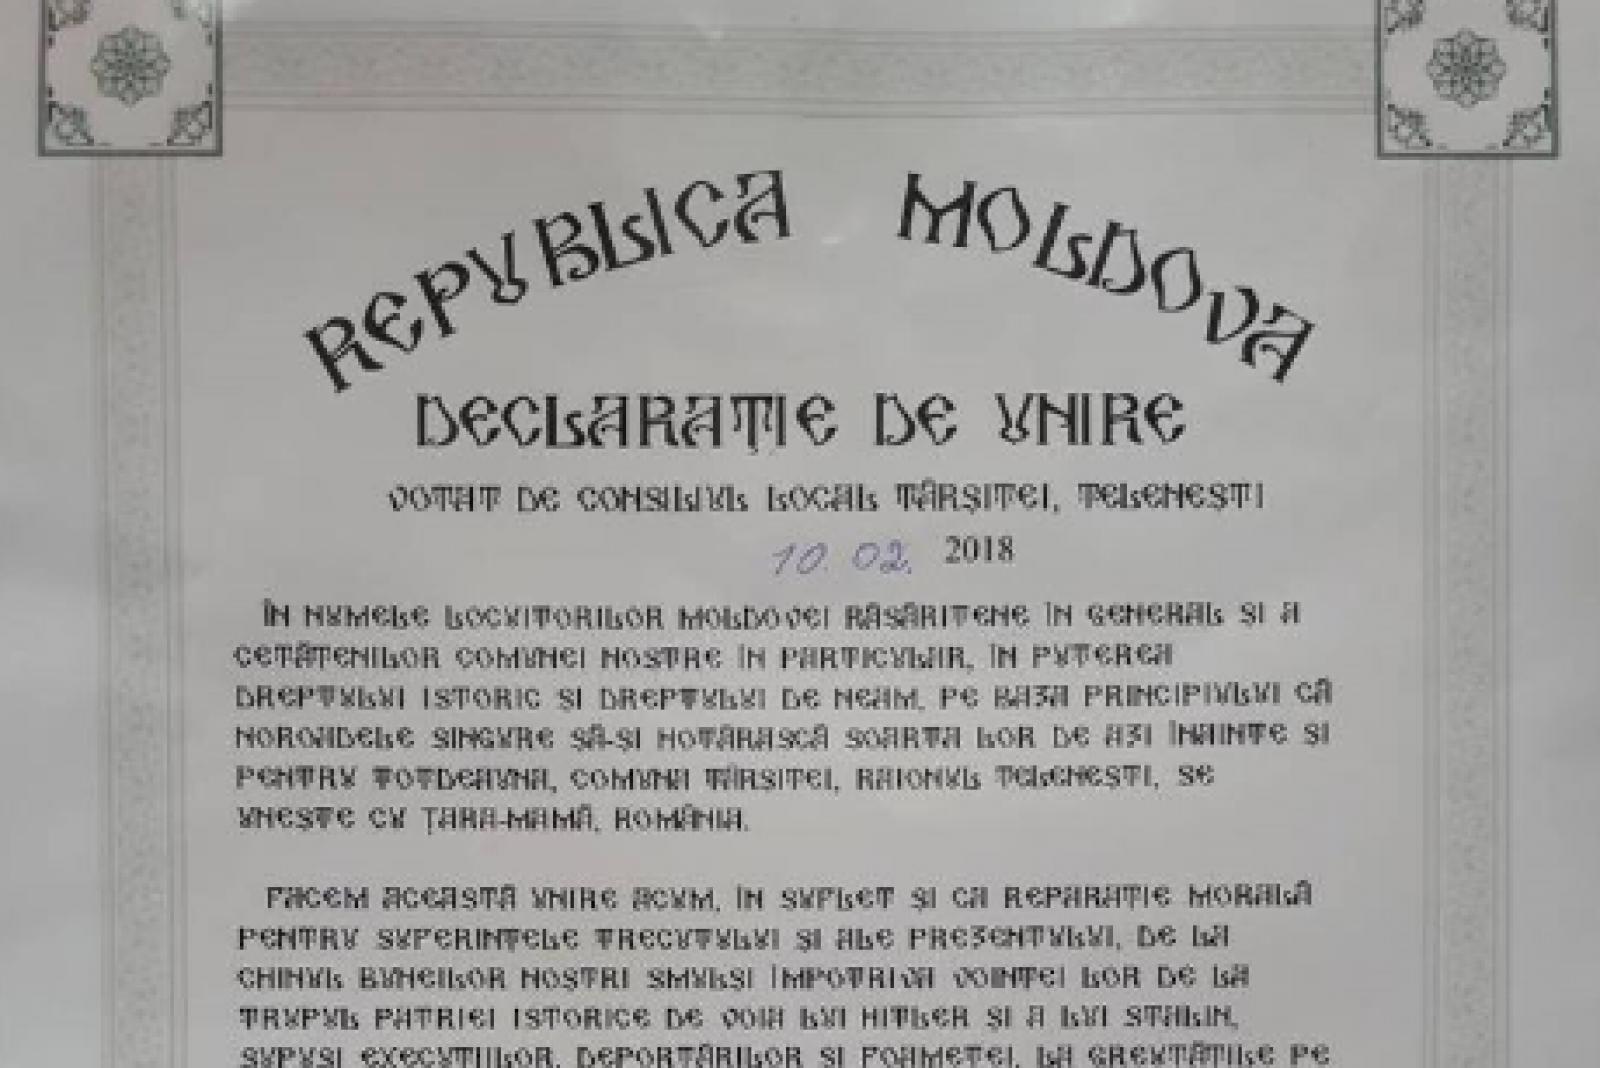 (foto) Încă o localitate din Republica Moldova a semnat declarația simbolică de Unire. Tîrșiței este cea de-a 17-a